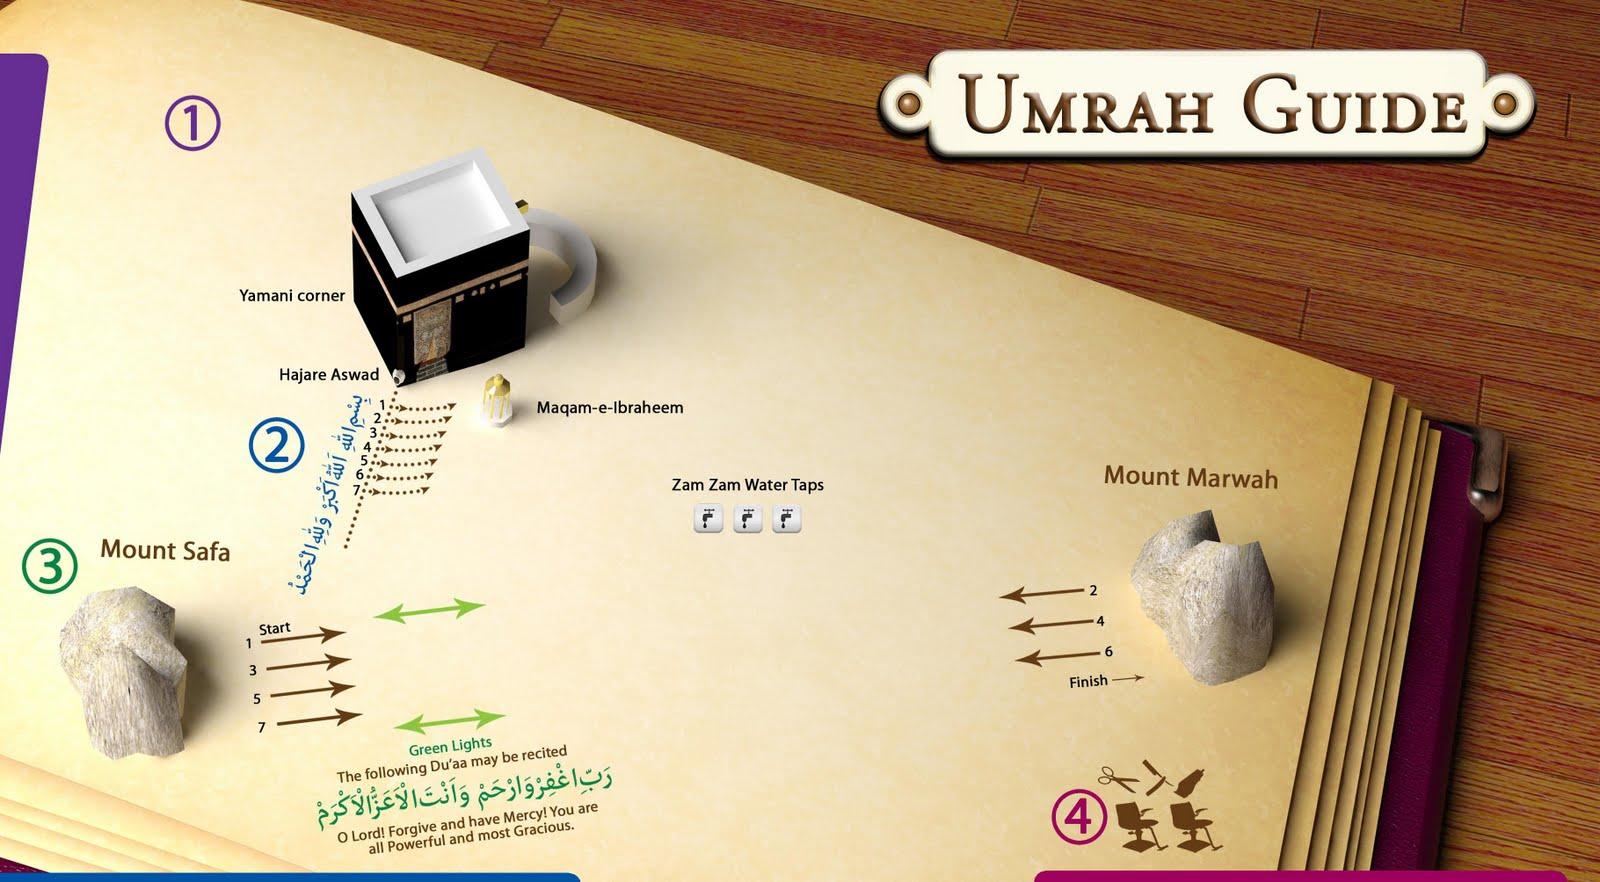 umrah guide map umrah guide ihraam umrah guide tawaaf umrah guide saee ...